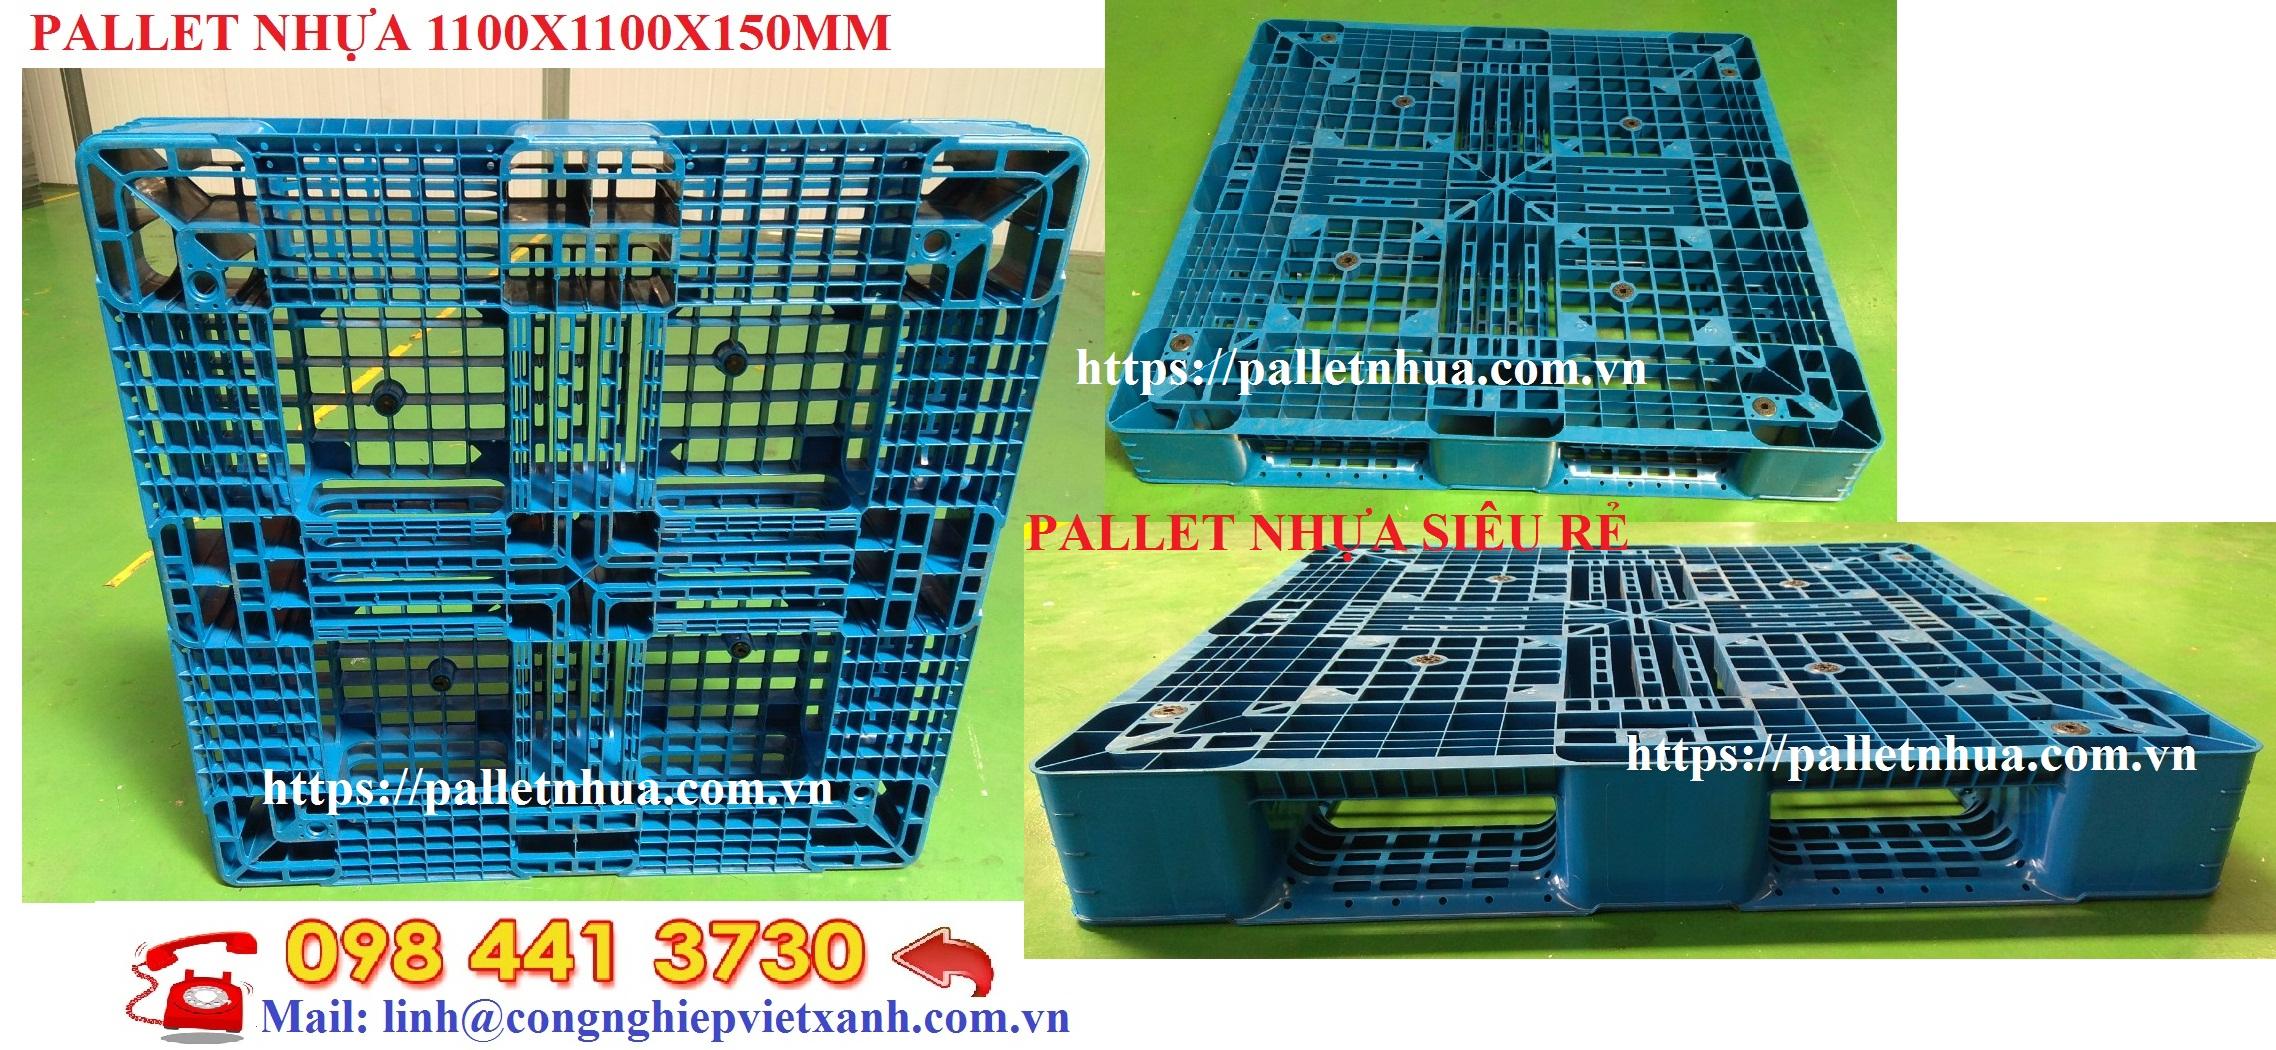 Pallet nhựa 1100x1100x150mm màu xanh khuyến mãi sale - lh 098 441 3730 Ms Linh